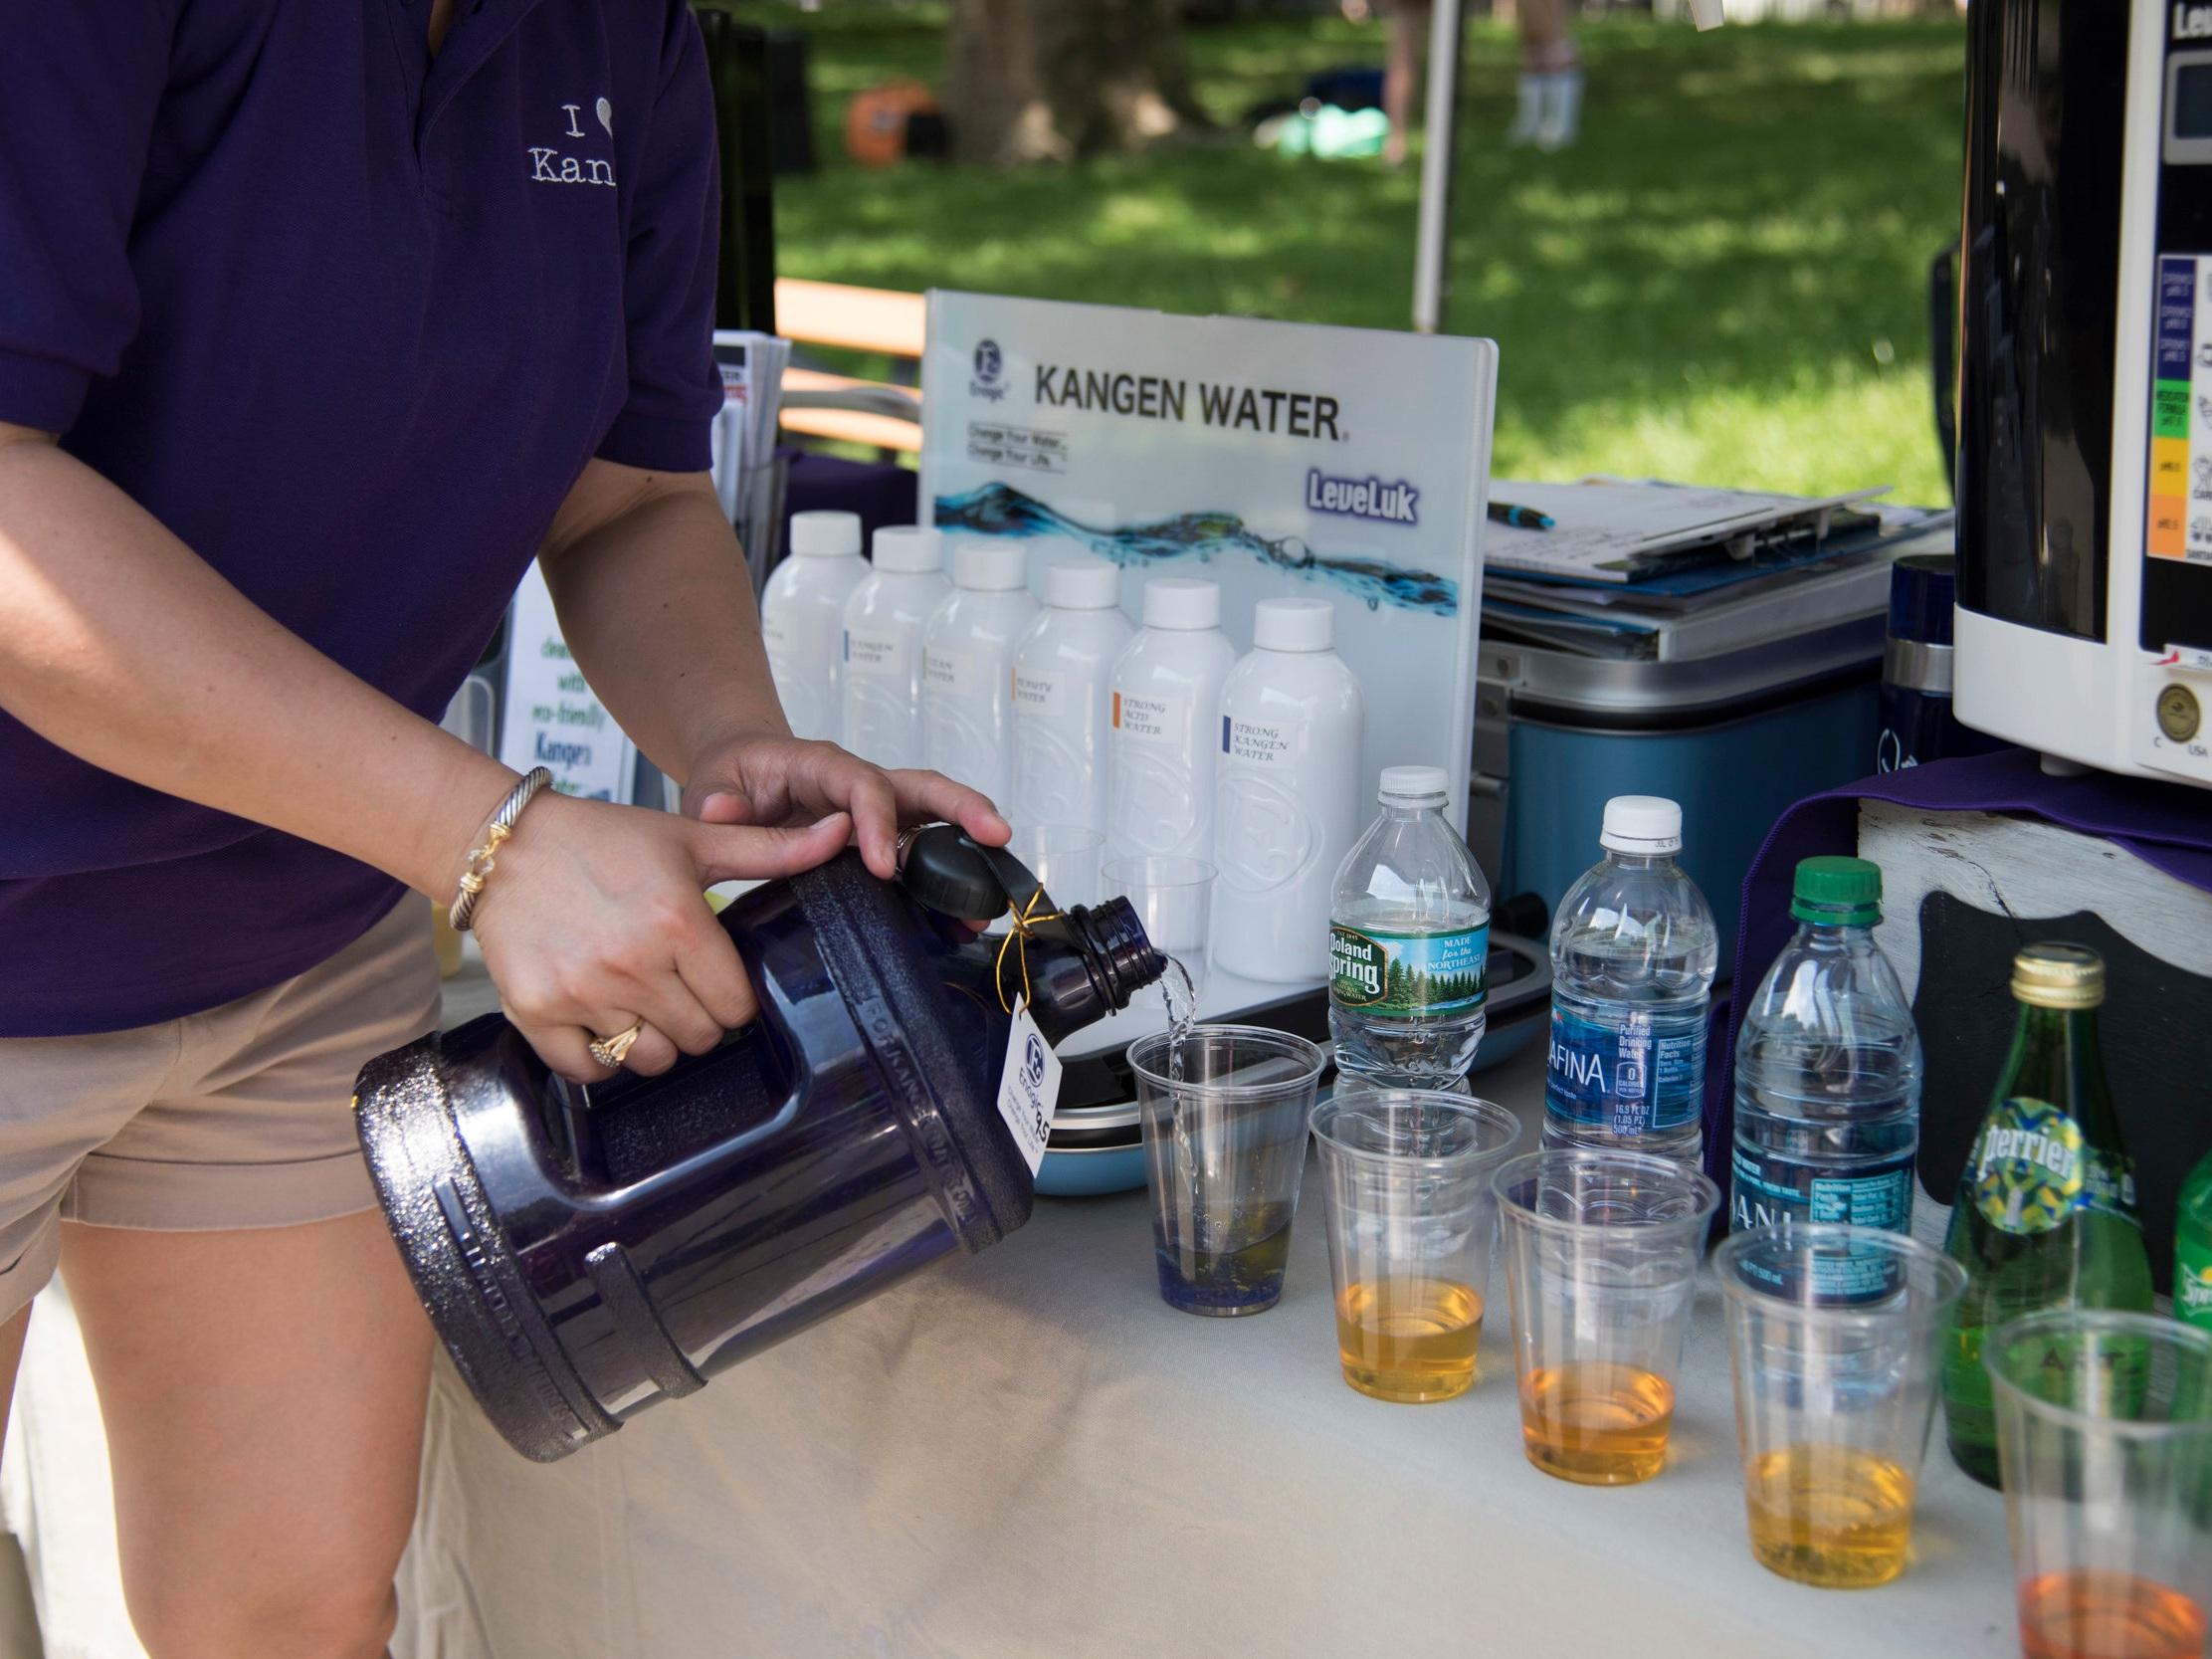 Enagic   - Kangen water